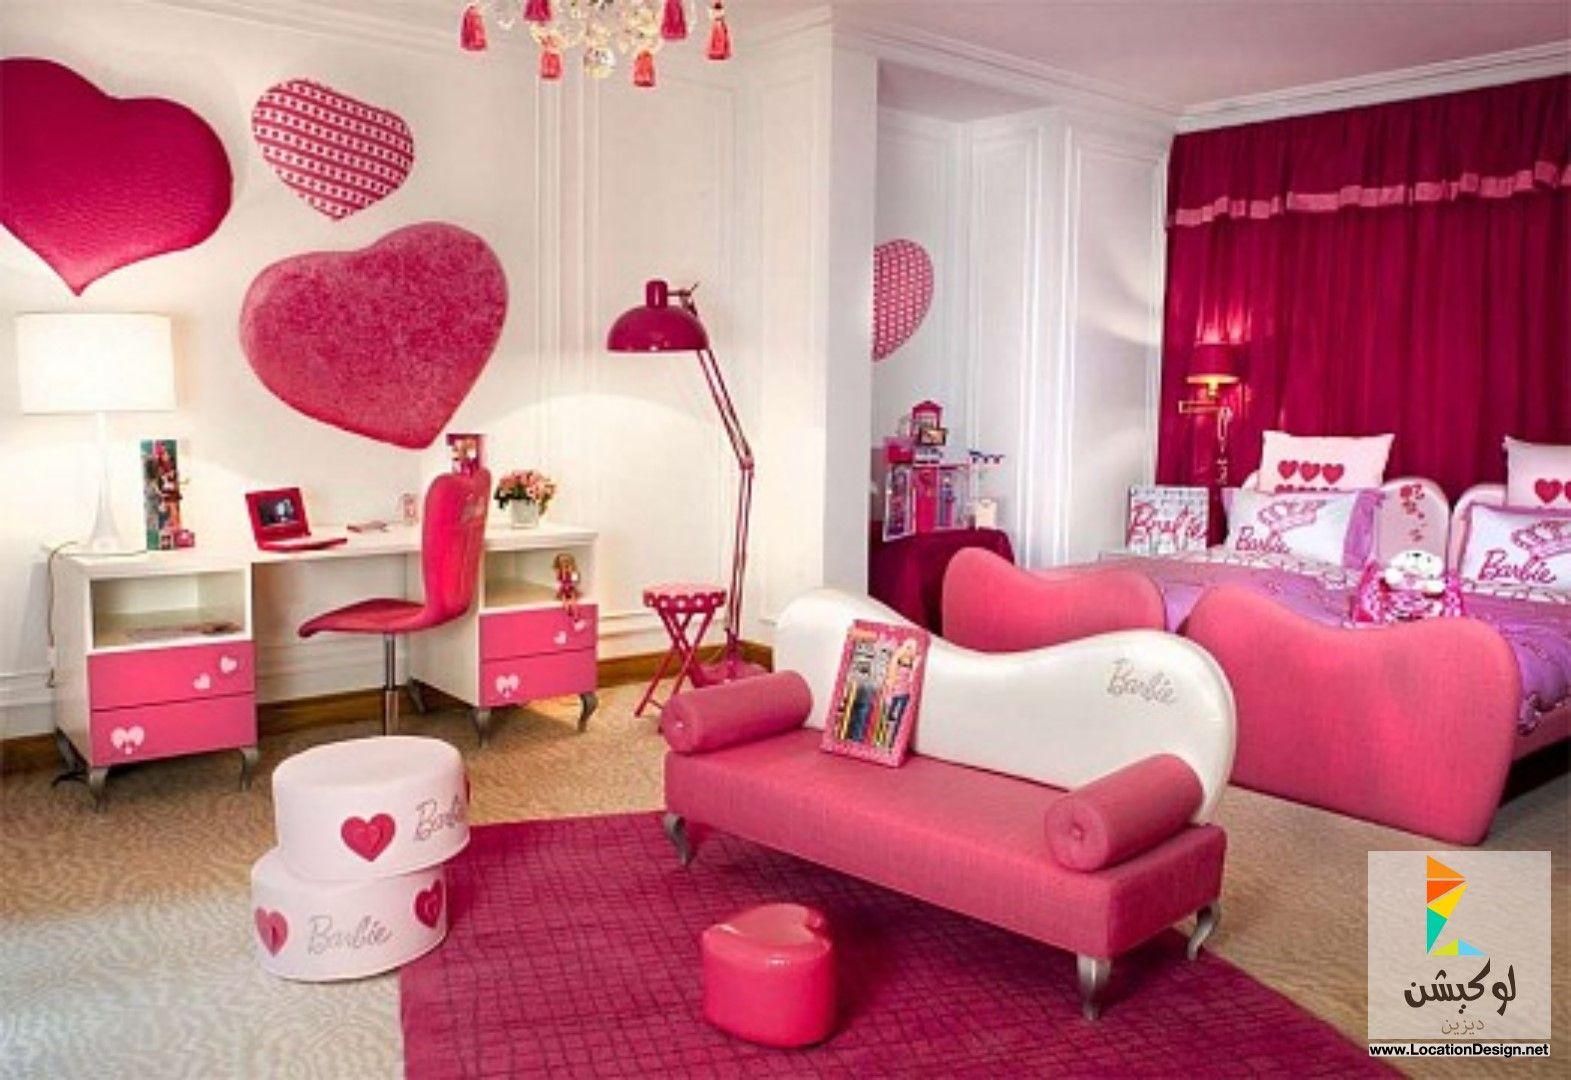 افضل و احدث غرف نوم اطفال بنات 2015 لوكيشن ديزاين تصميمات ديكورات أفكار جديدة مصر Barbie Room Girl Bedroom Decor Girls Room Design